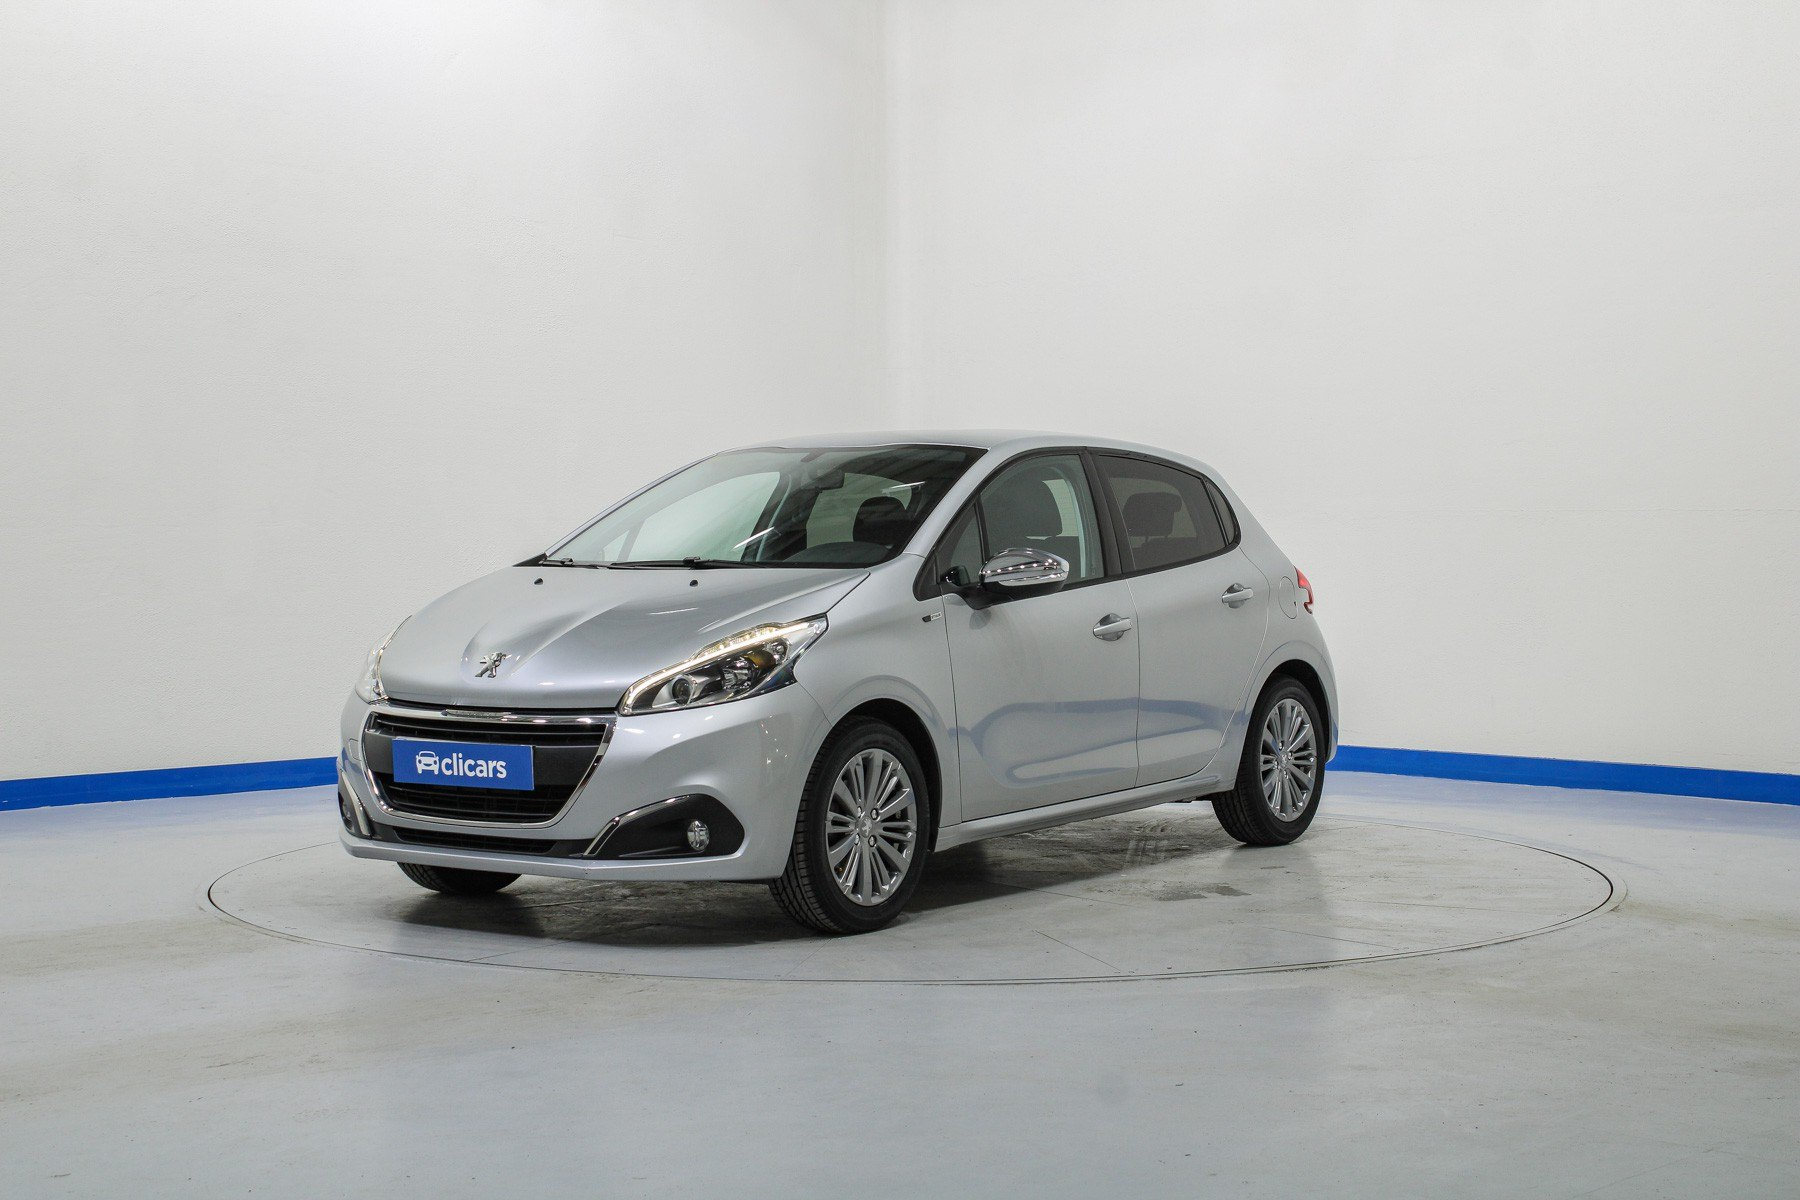 Peugeot 208 Gasolina 5P STYLE 1.2L PureTech 60KW (82CV) 1